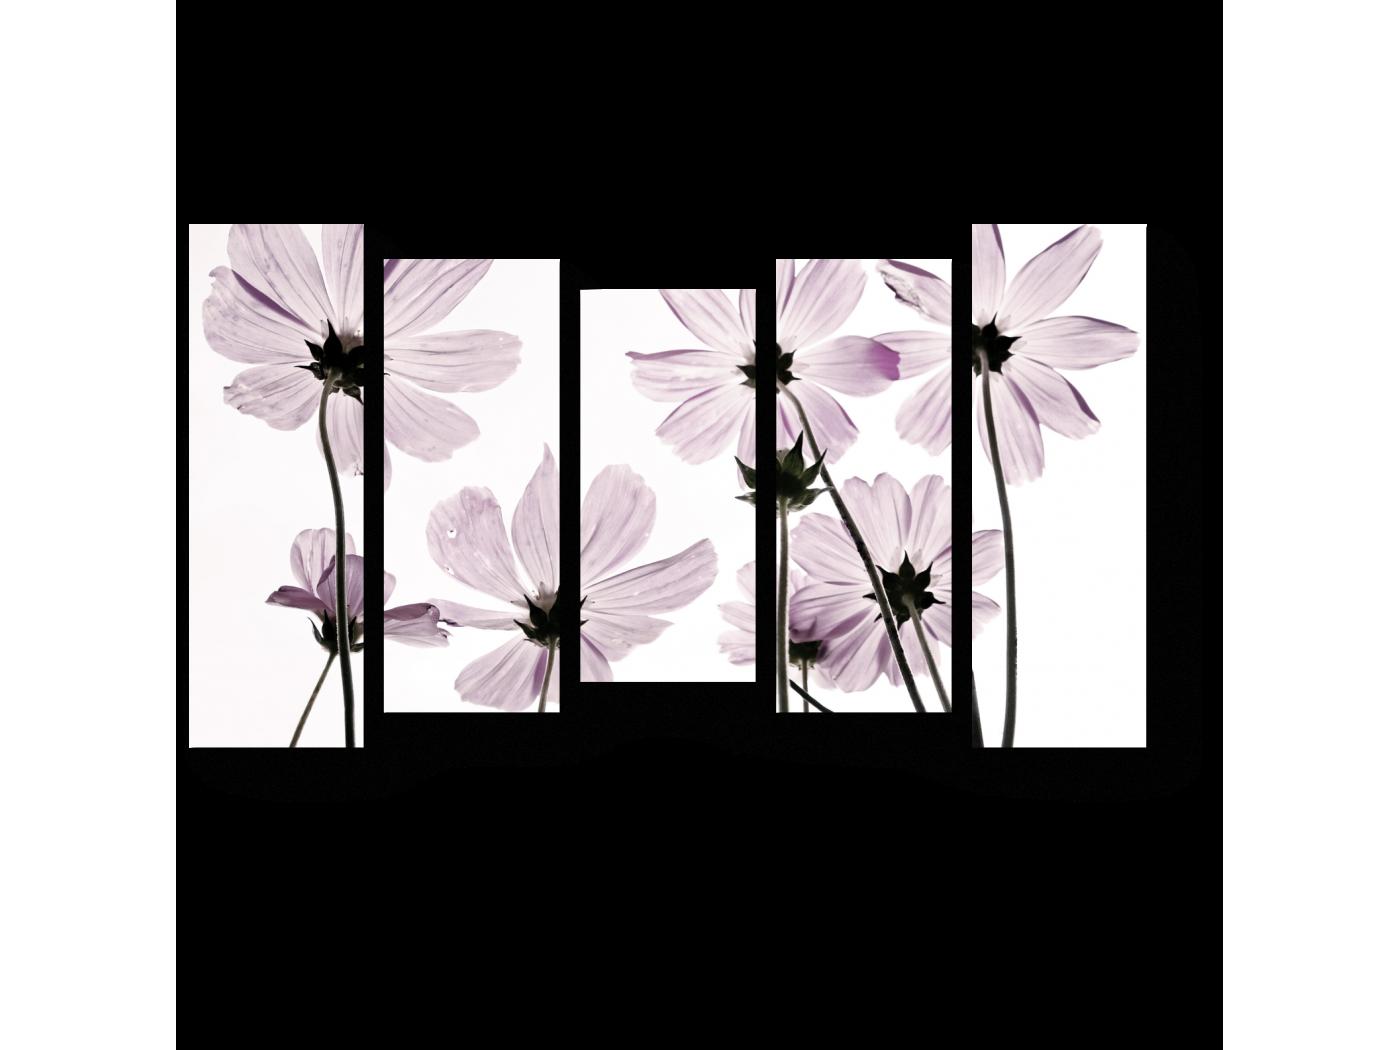 Картинка цветка из трех частей